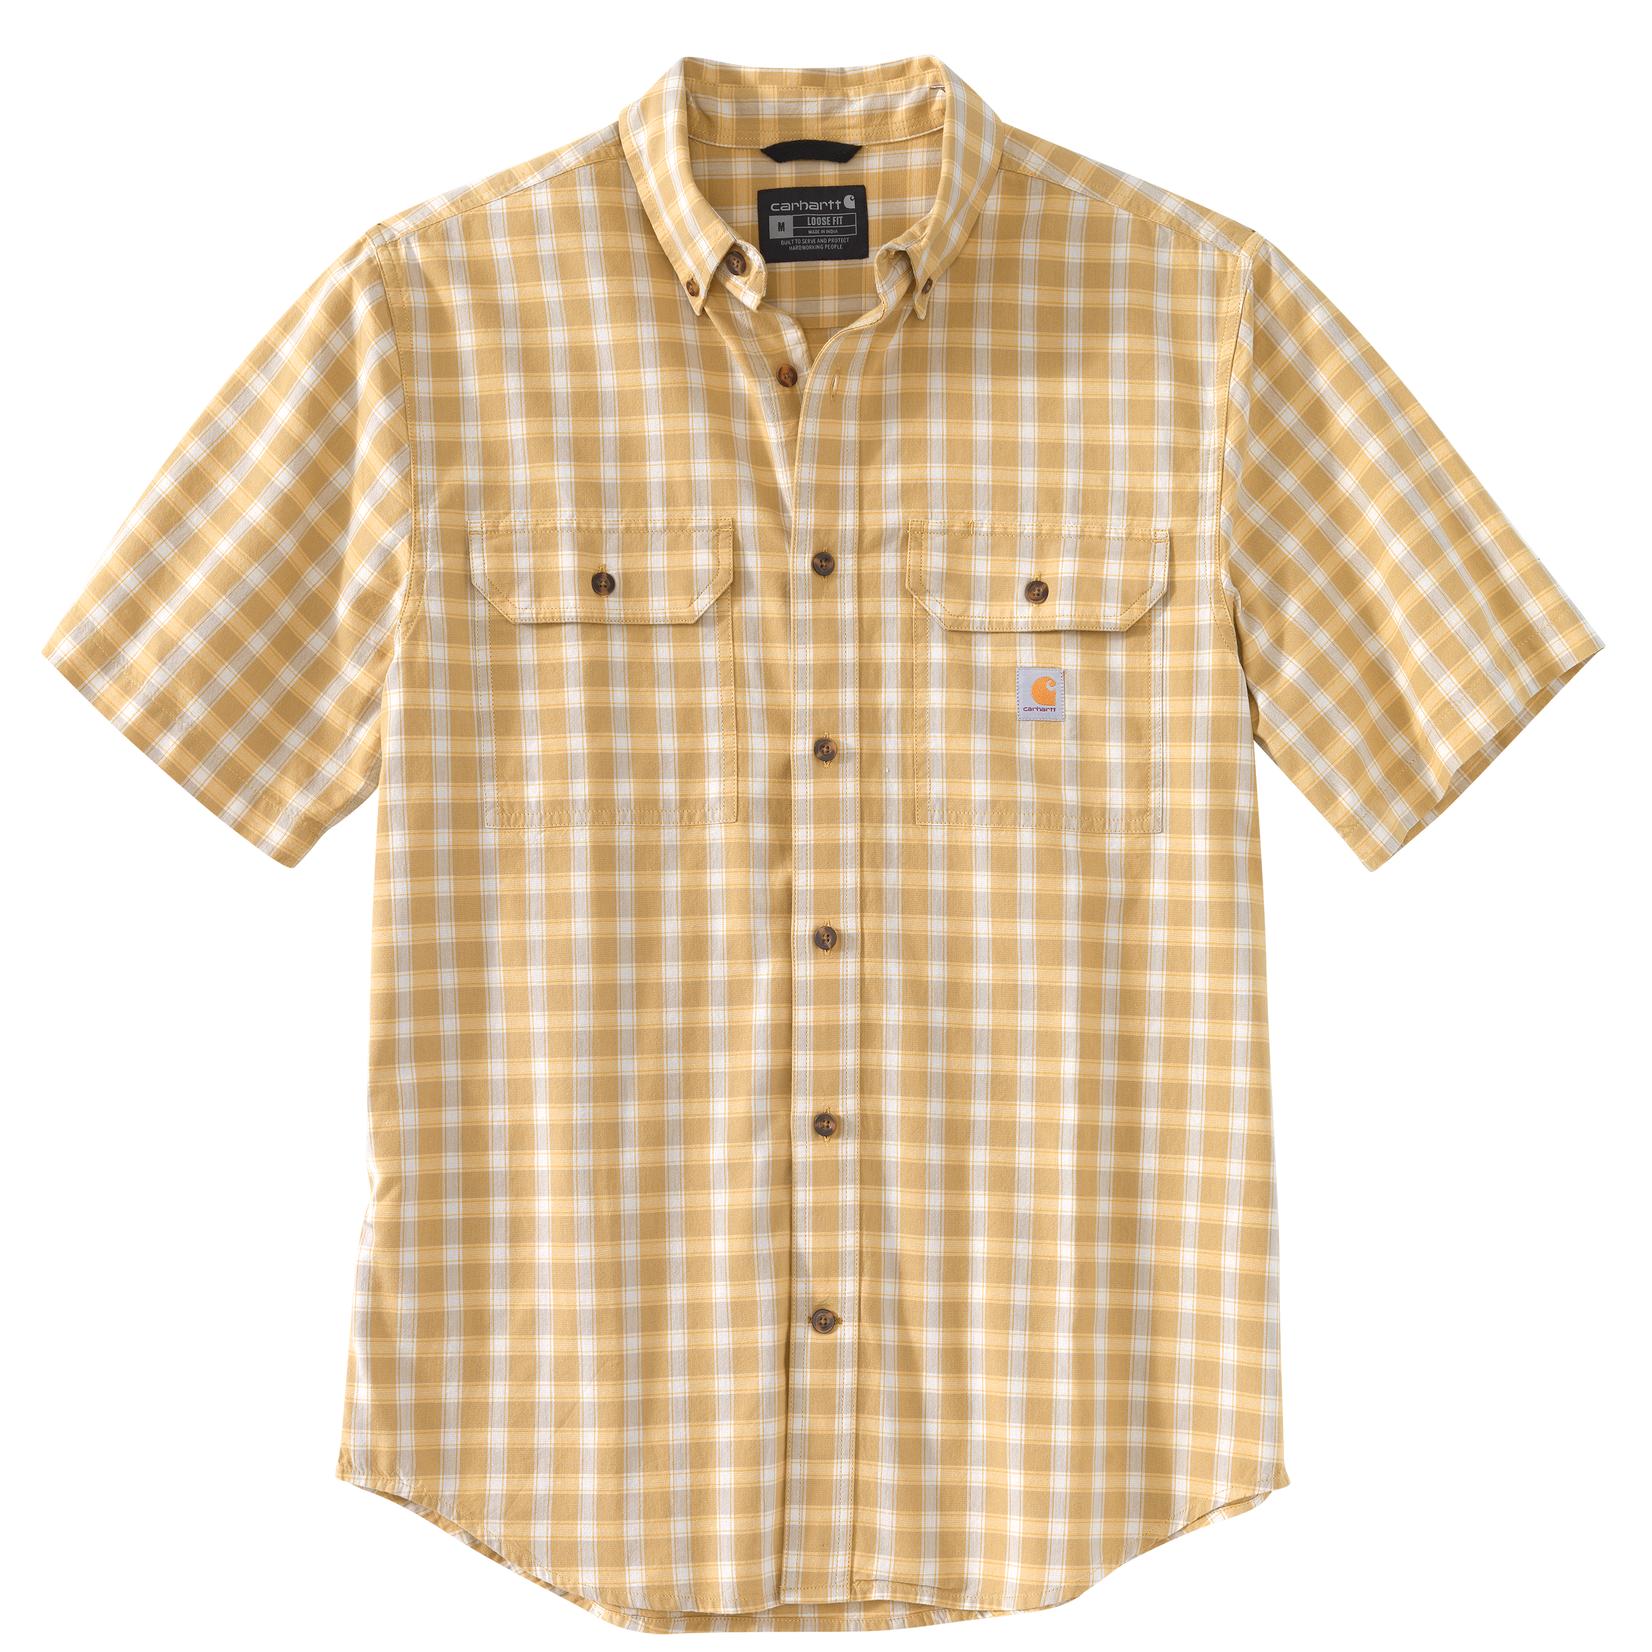 Carhartt Carhartt 104625 Loose Fit Midweight Chambray Short-Sleeve Shirt